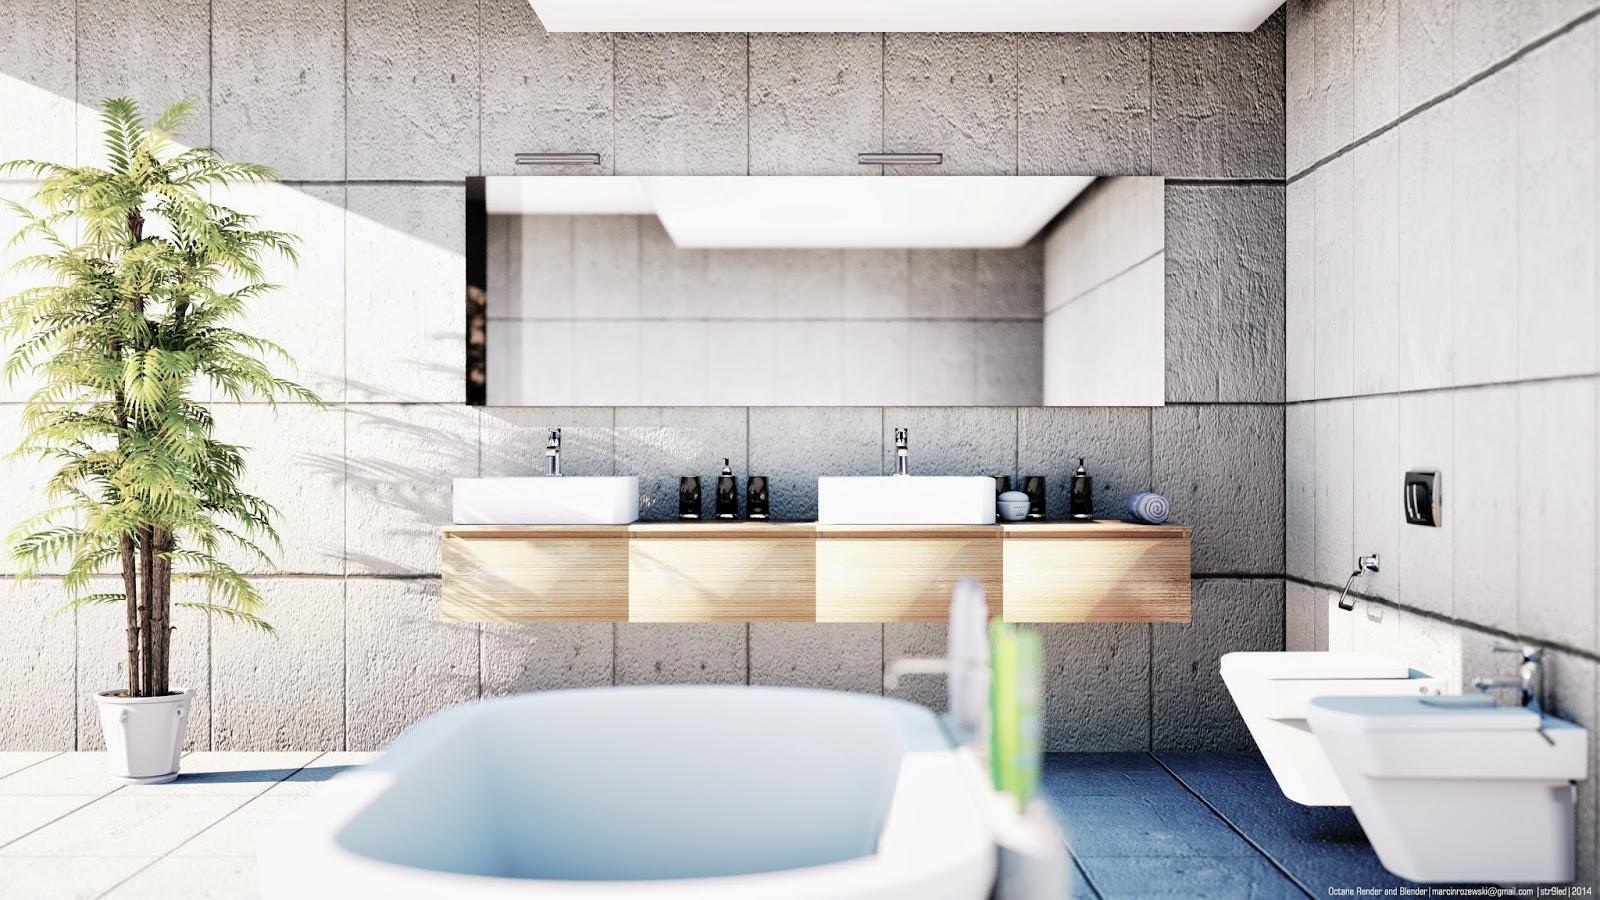 Bathroom Octane Render and Blender Architectural Rendering